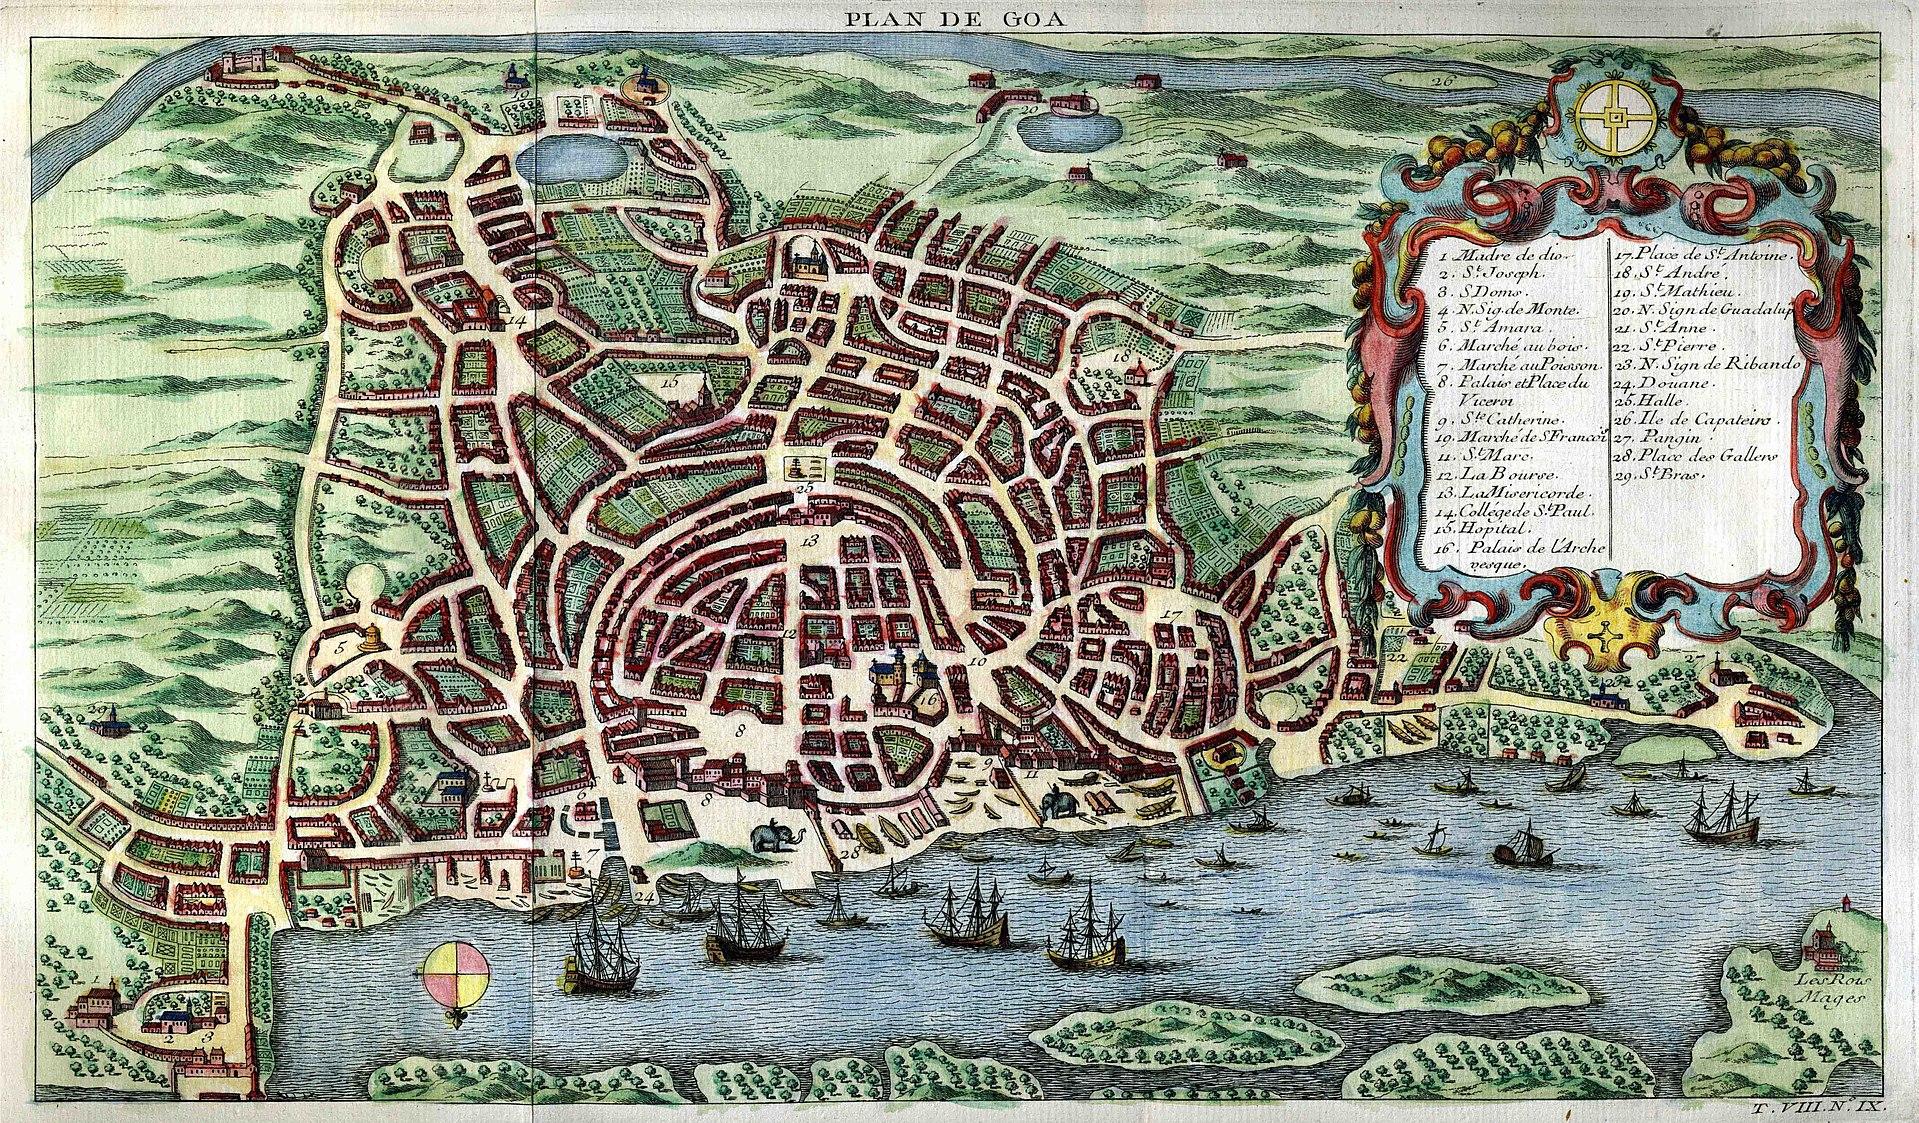 Portuguese conquest of goa wikipedia for Histoire des jardins wikipedia